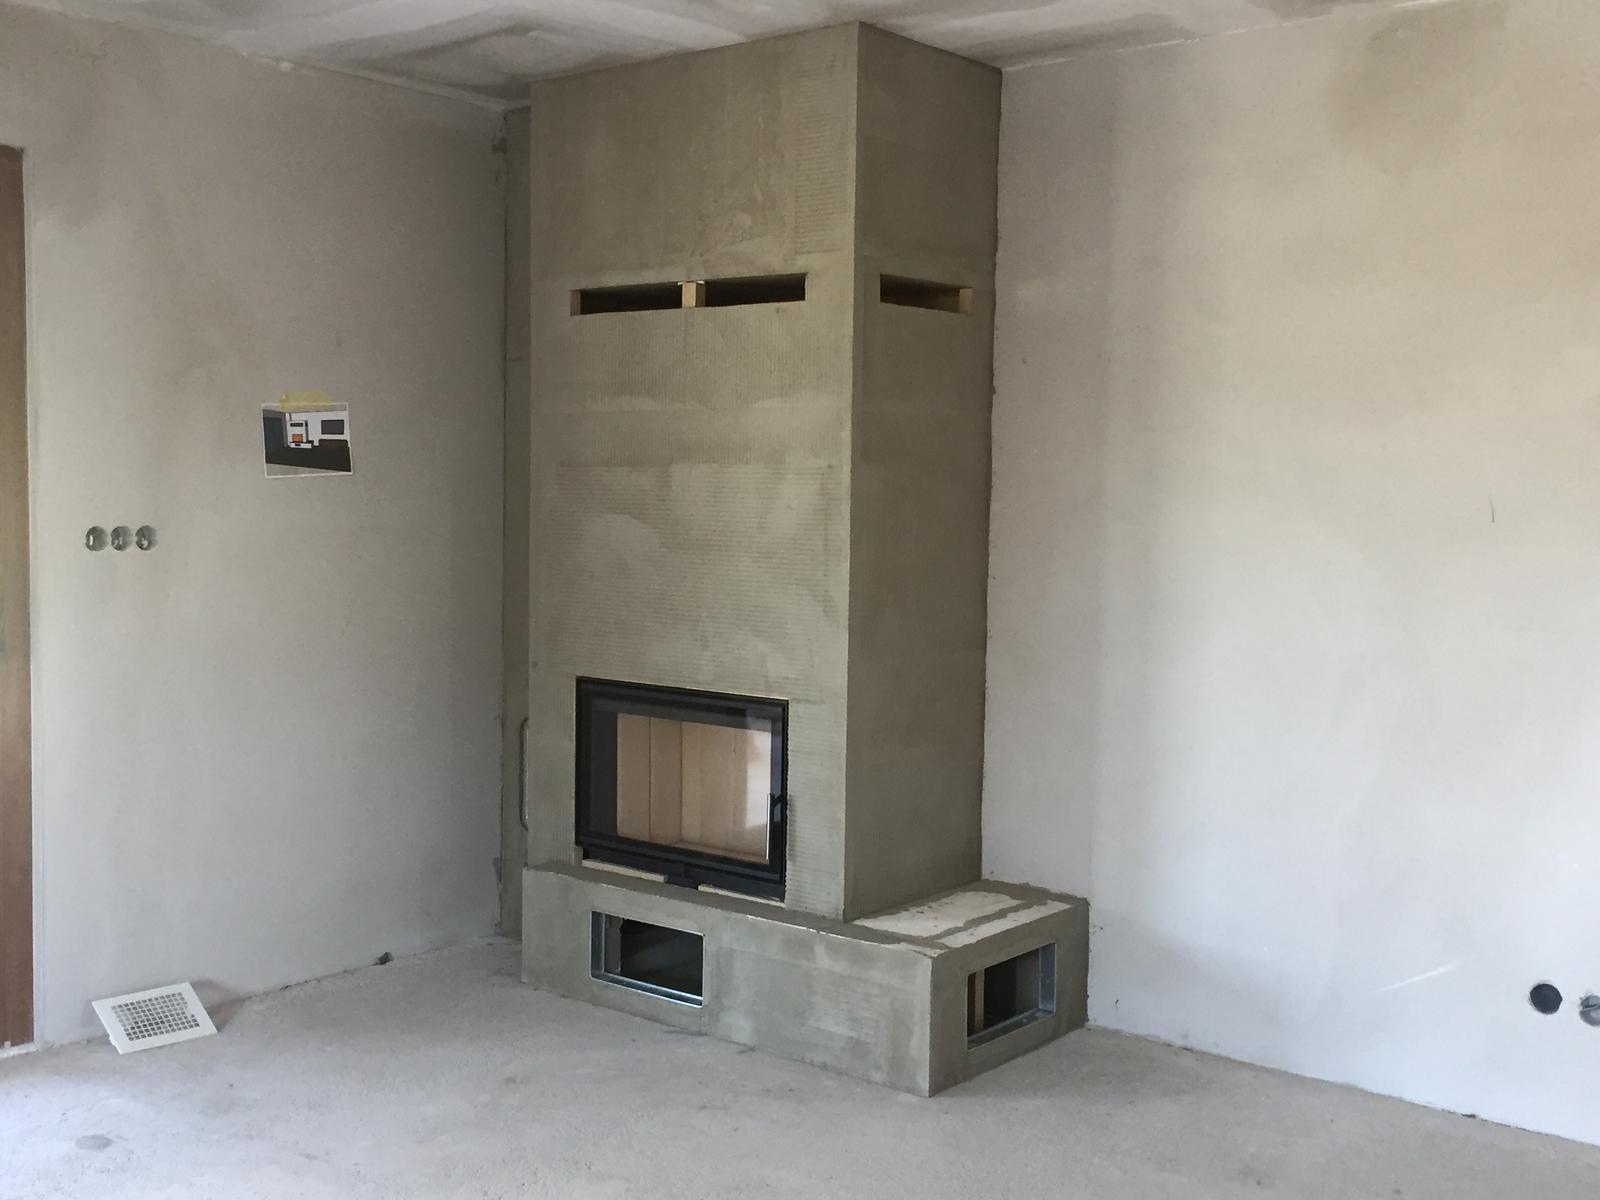 Náš domček bungalovček - bungalov 978 - Teraz počkať týždeň na kameň a omietnuť